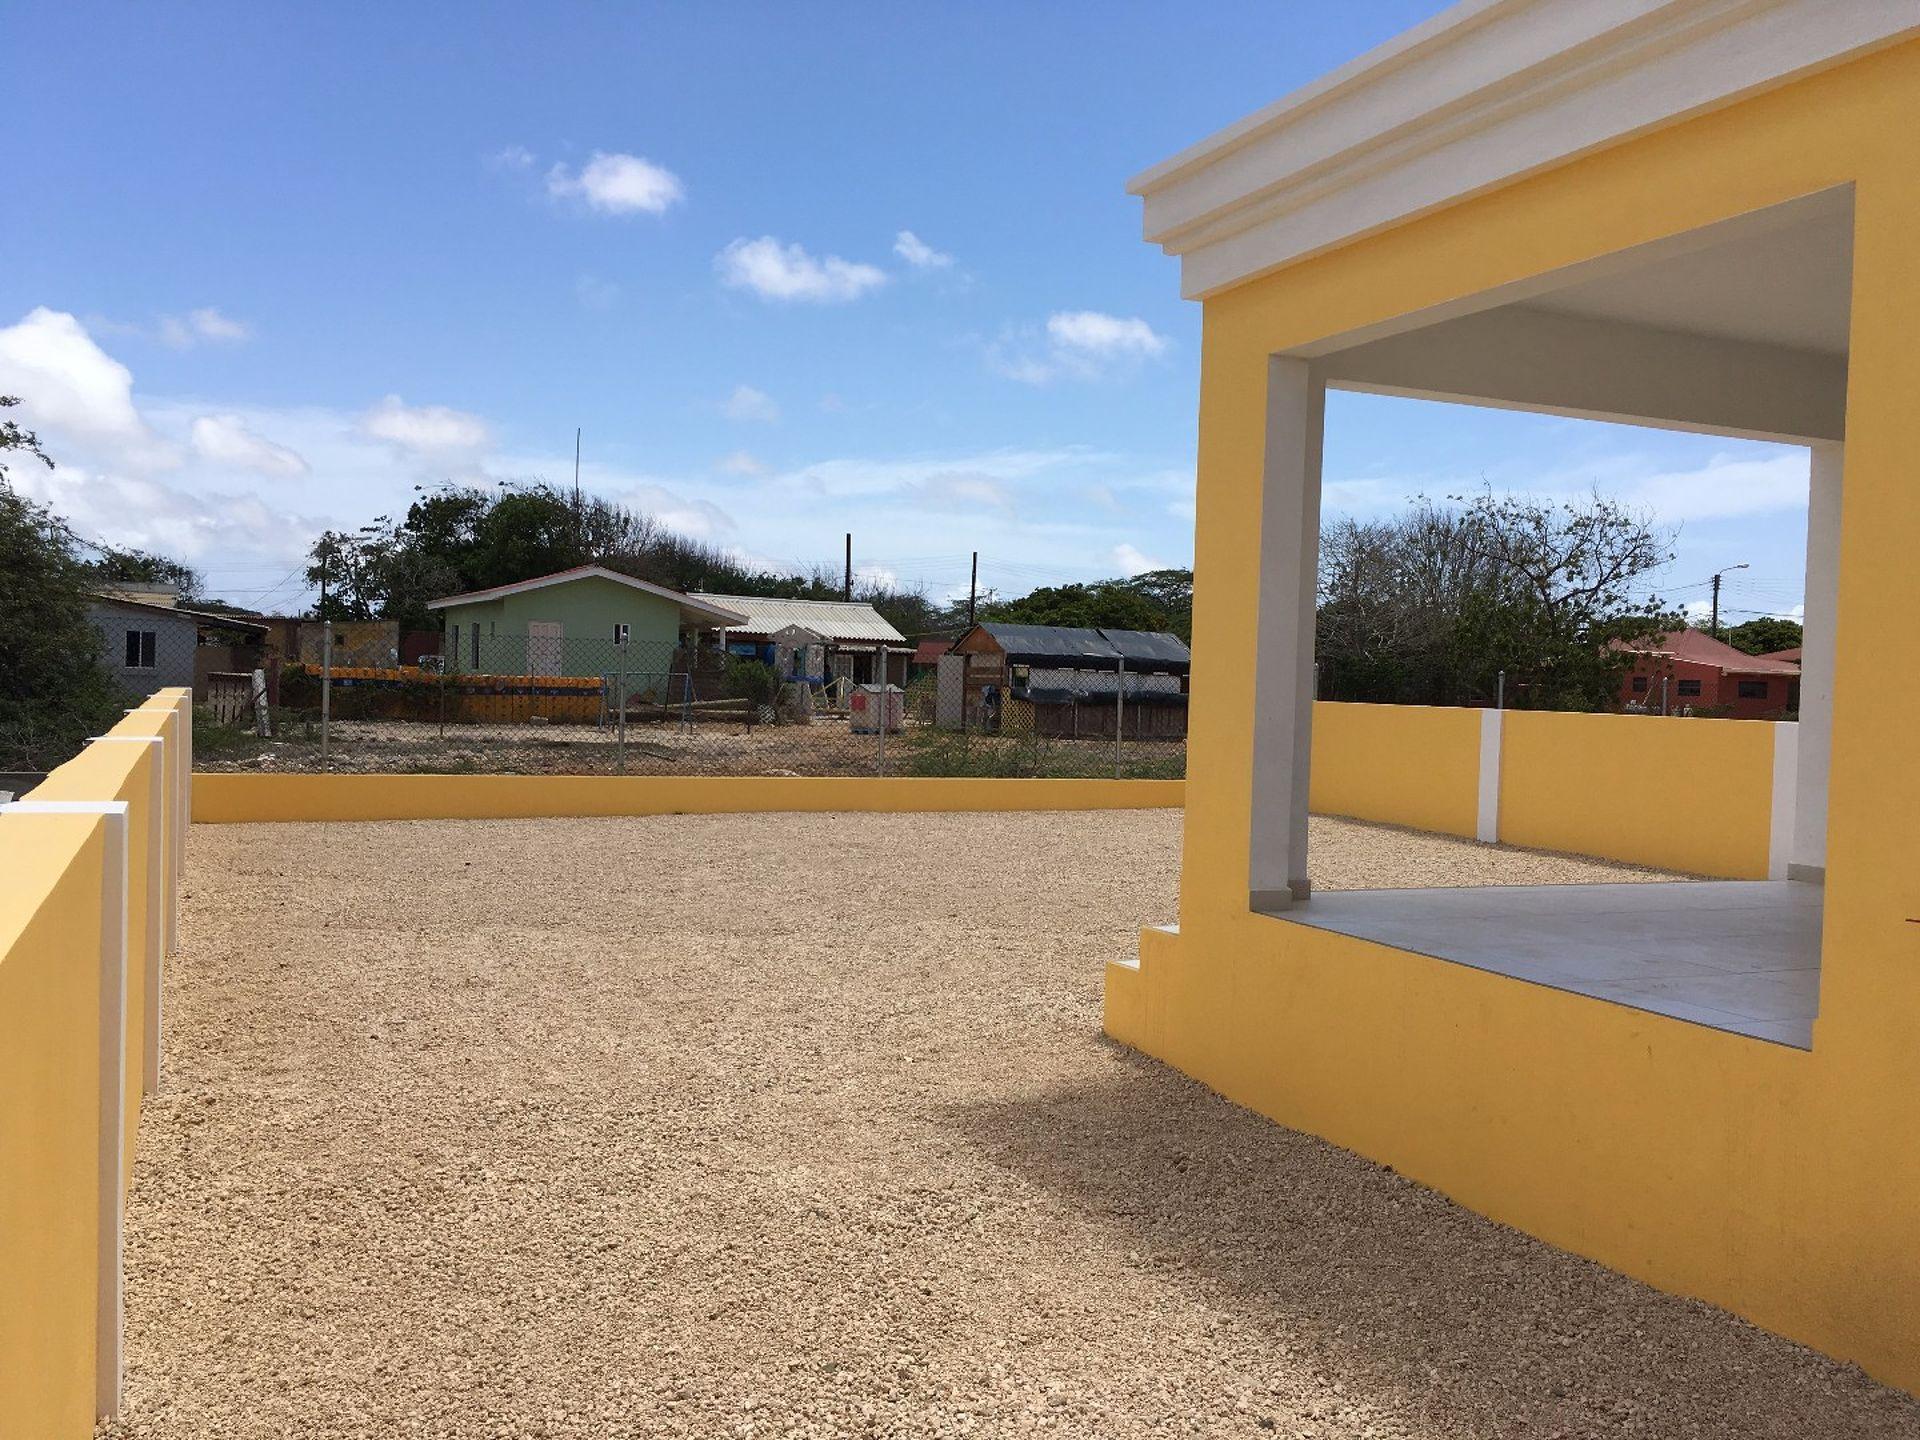 Nieuwbouw woning op locatie nabij centrum en caribische zee op bonaire